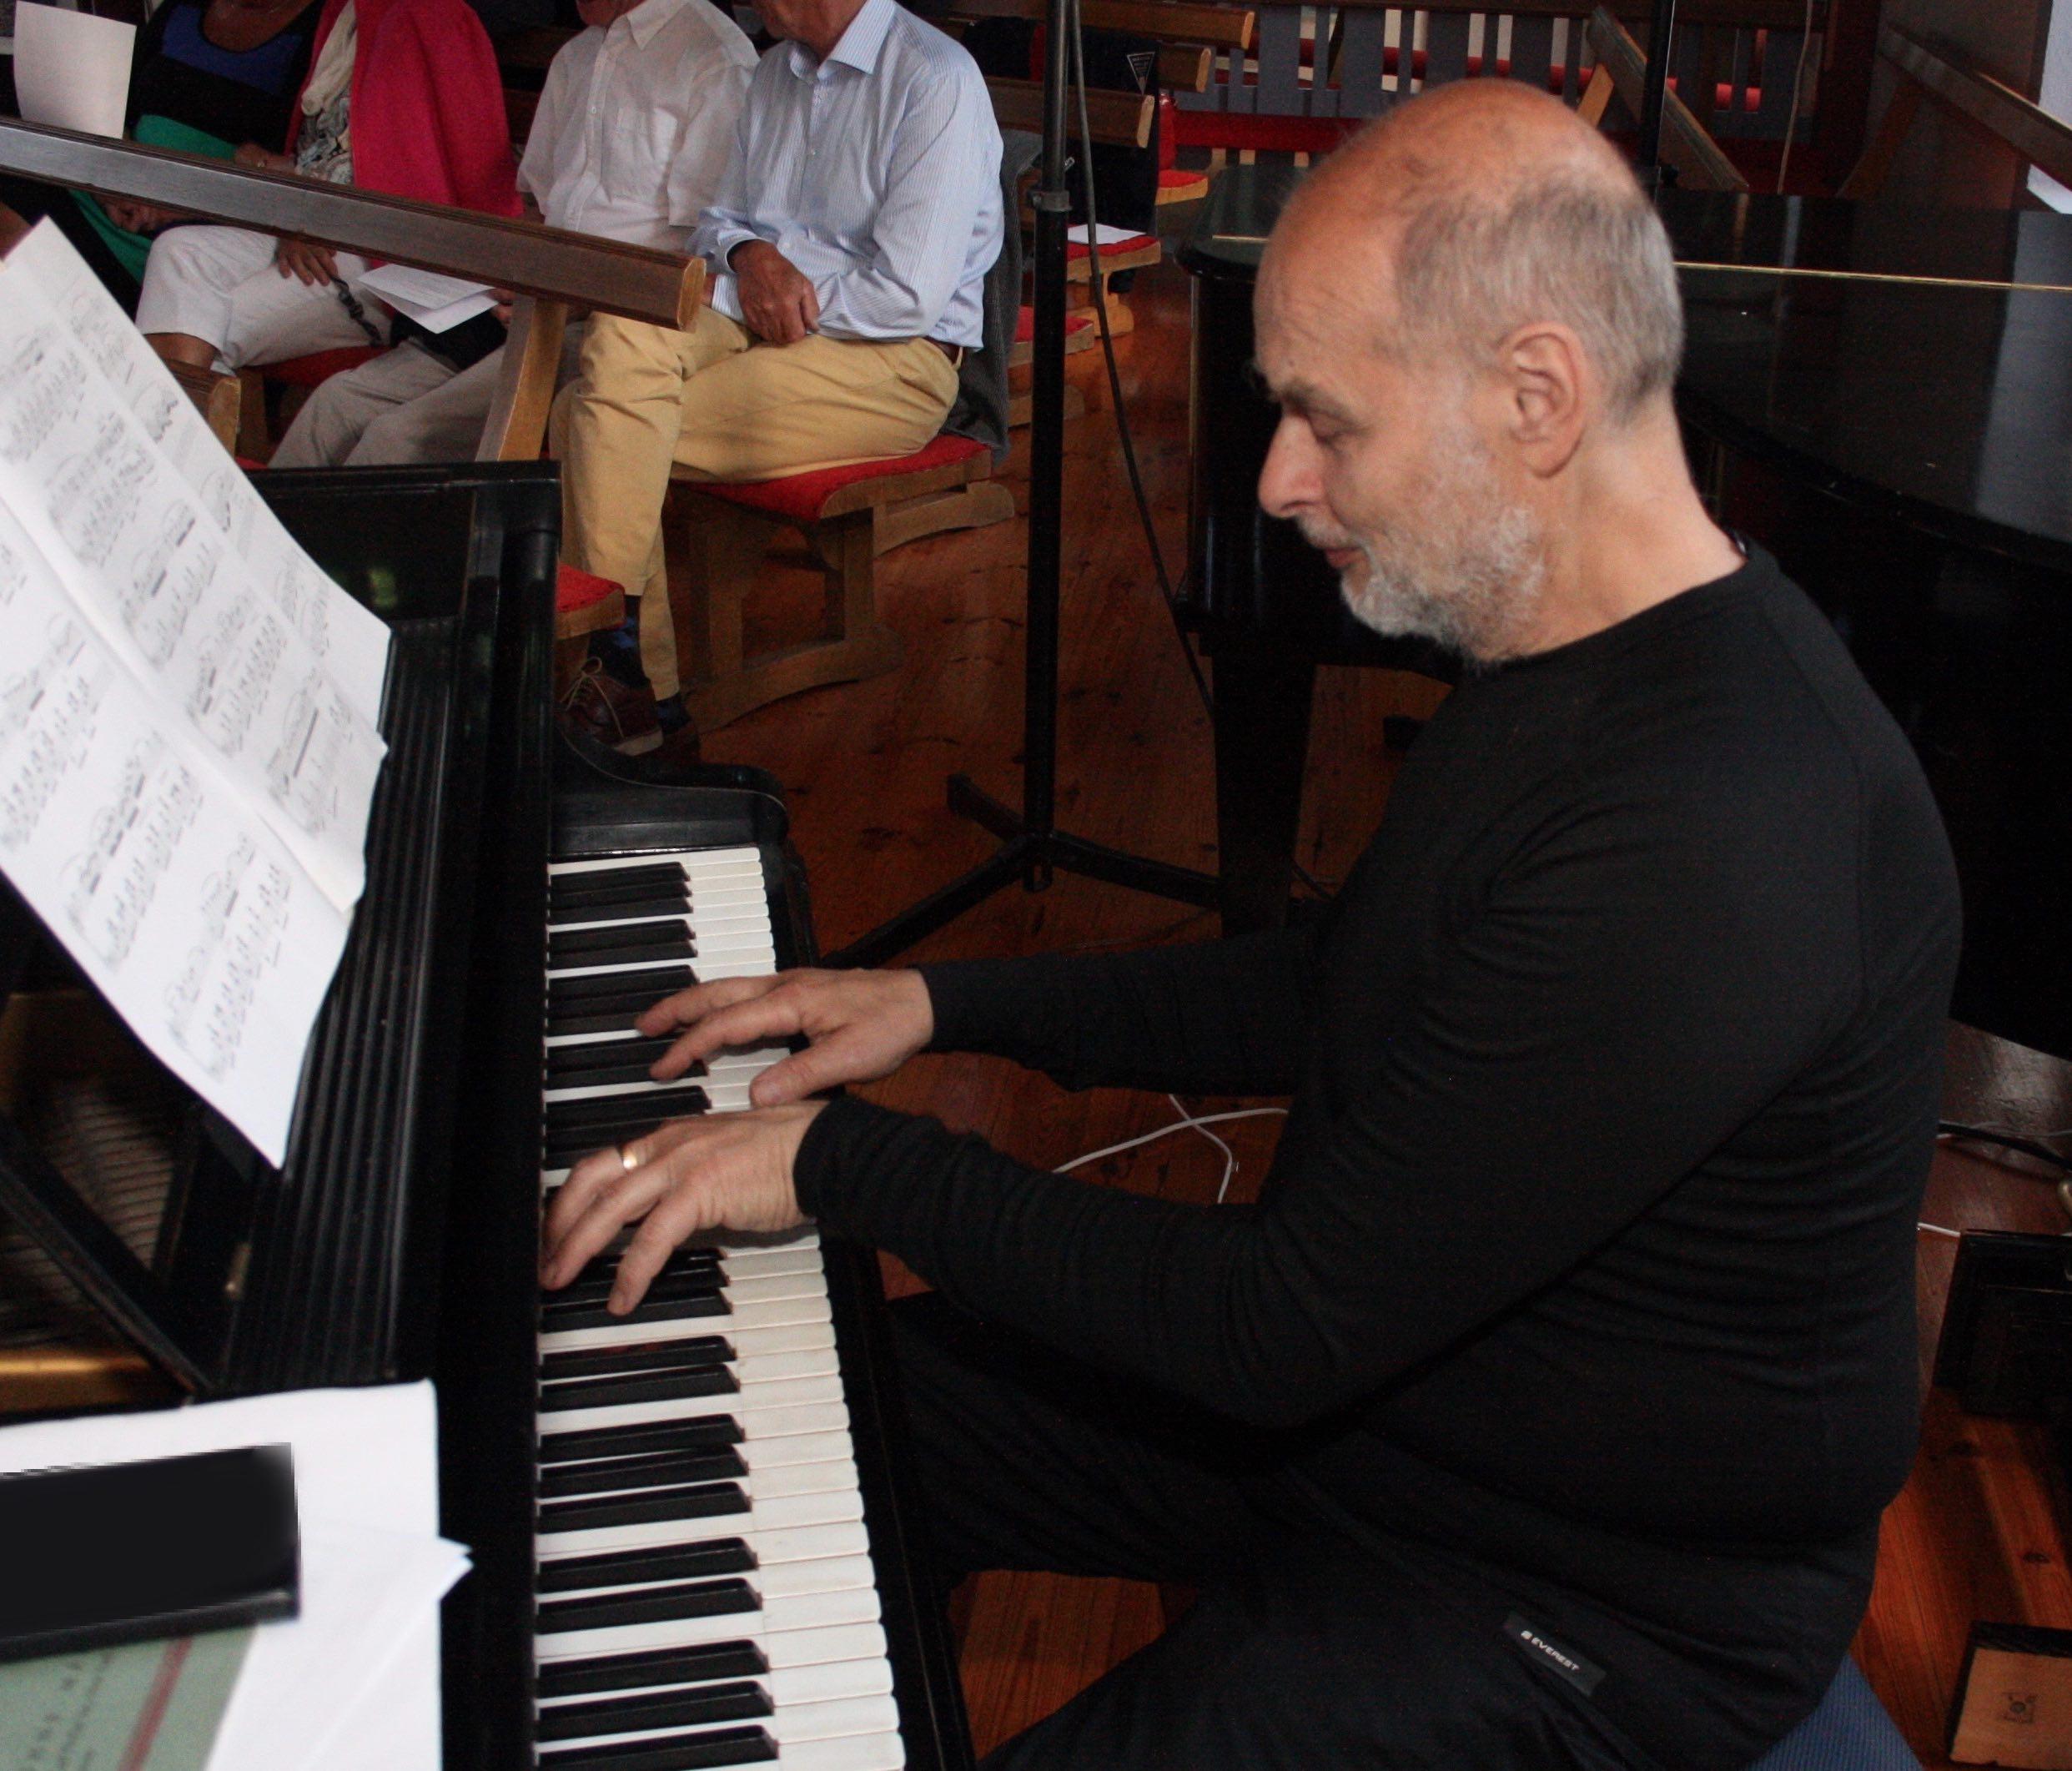 Solveig Andersson och Jacob Moscovicz spelade fransk musik 15 juli 2017